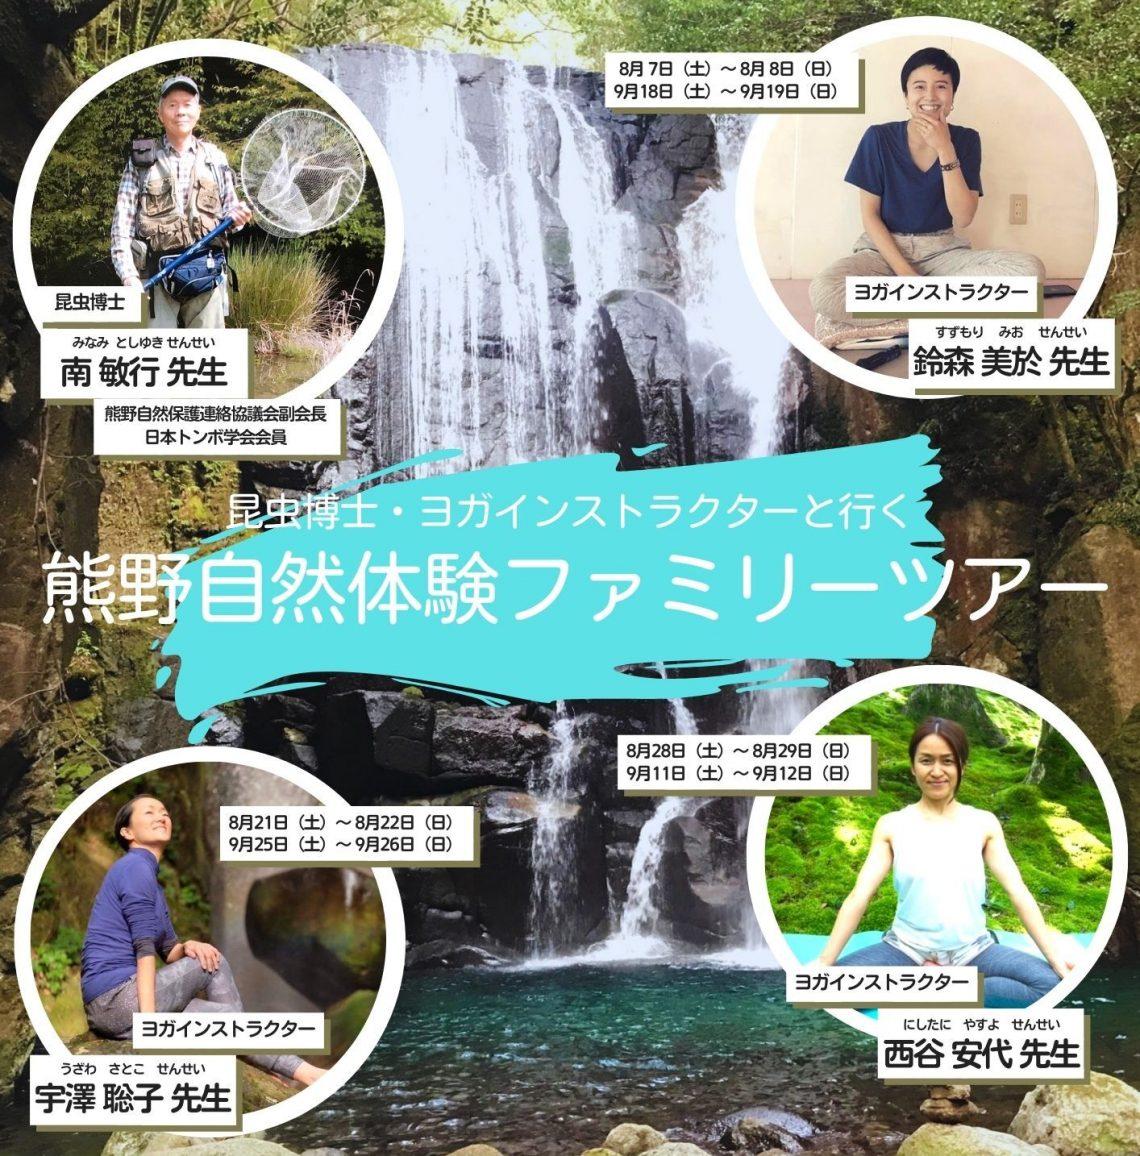 """2021年8月〜9月の2ヶ月間 計6回限定!""""熊野自然体験ファミリーツアー"""" 開催!"""